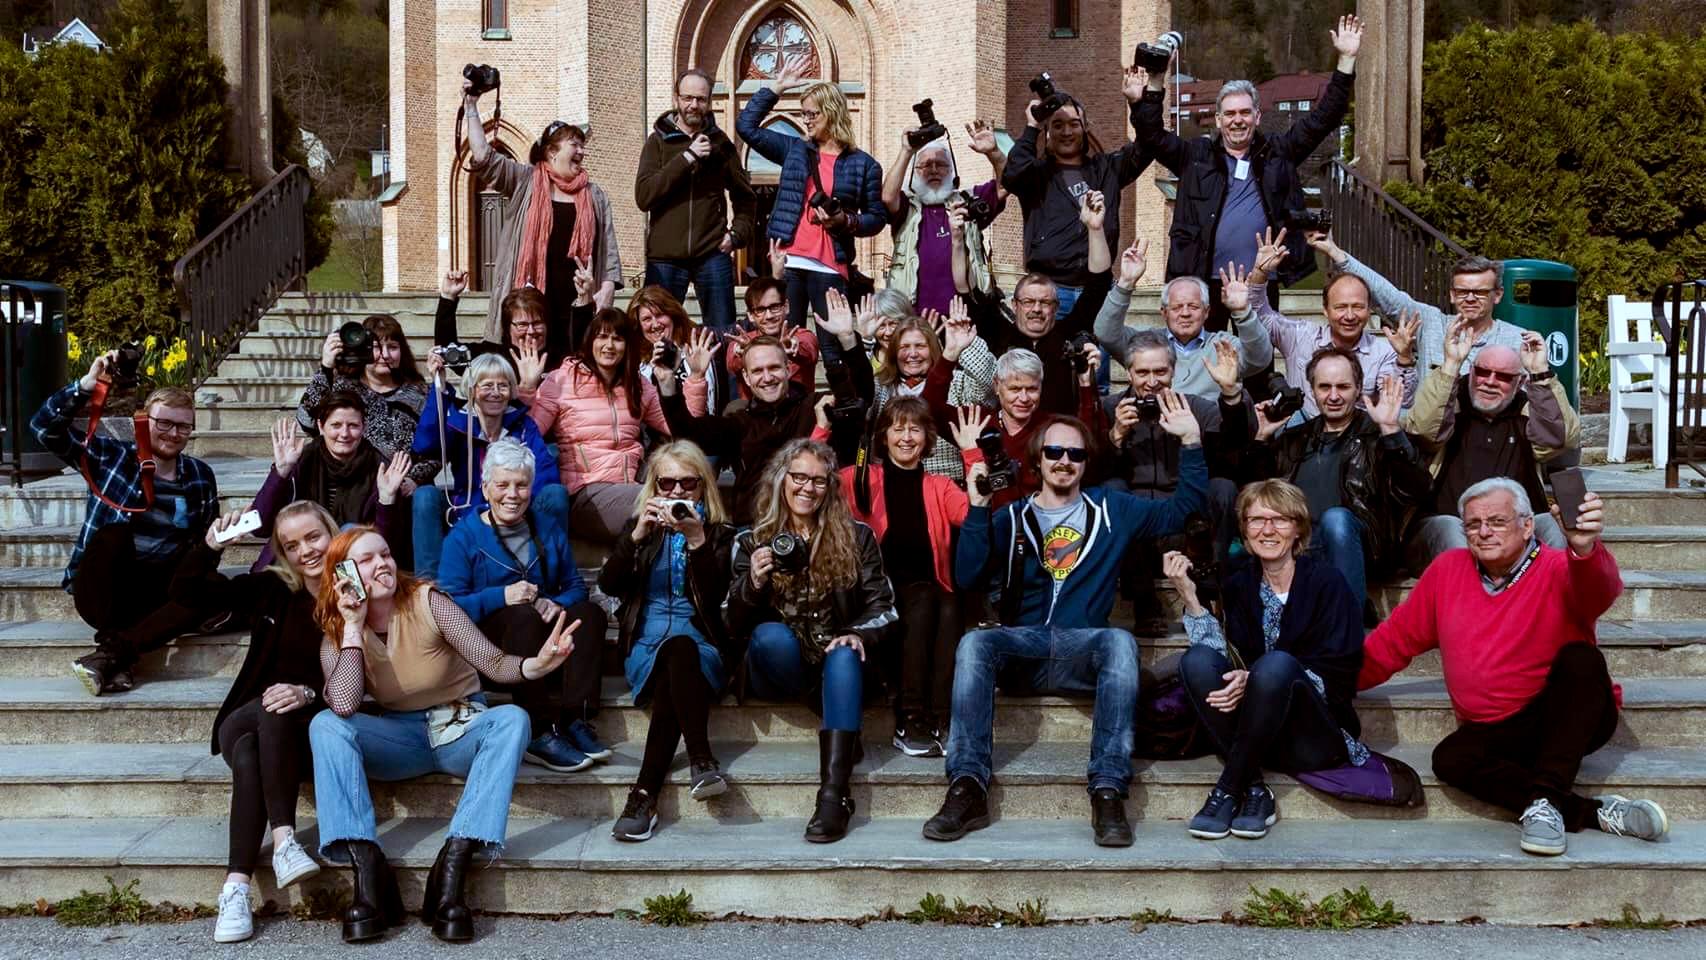 f/11 – Regionalt fototreff i Drammen